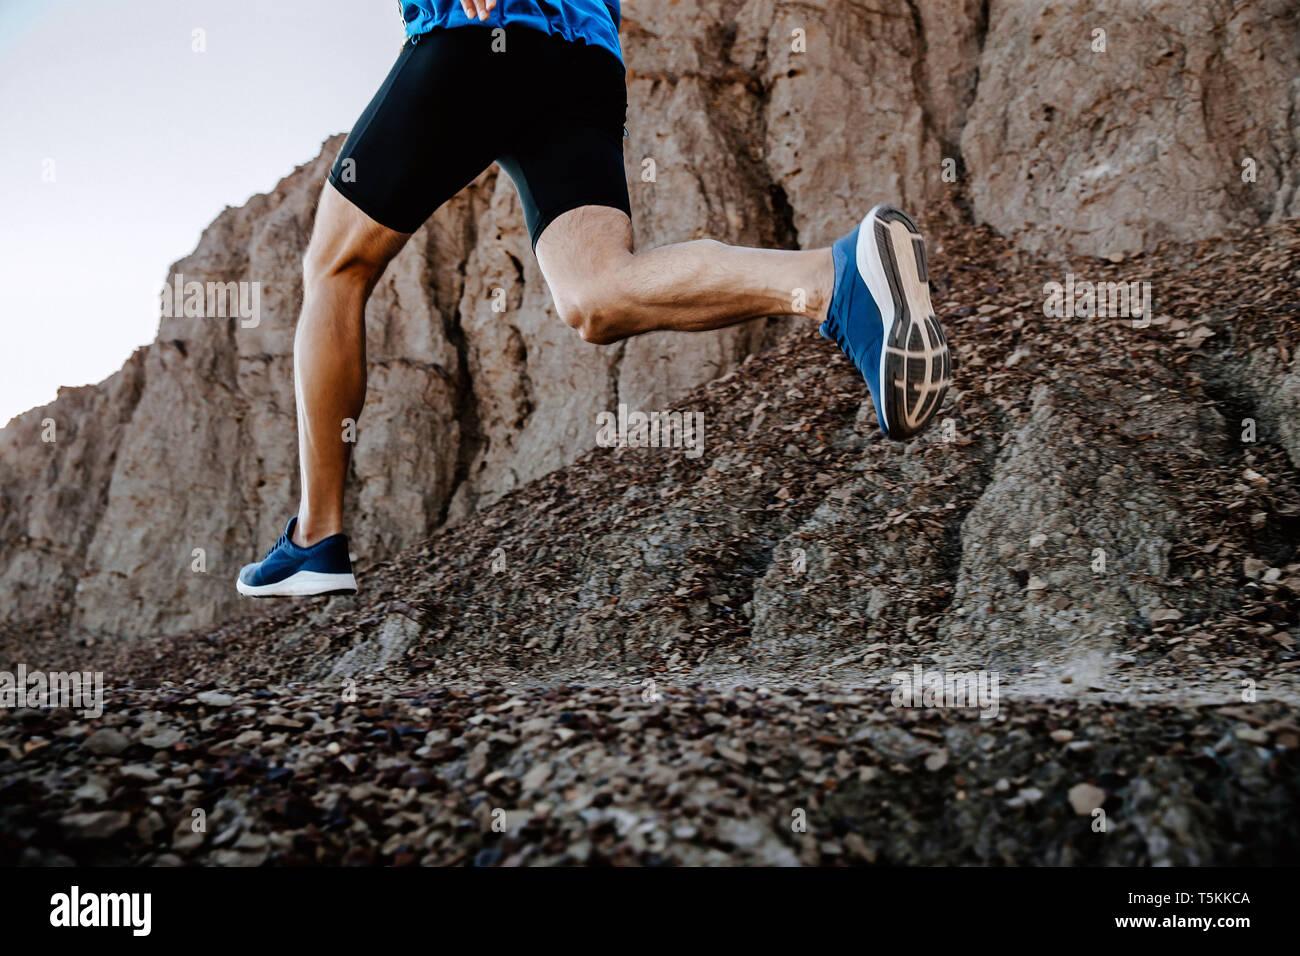 Piernas hombre runner corriendo en piedras de montaña trail Foto de stock